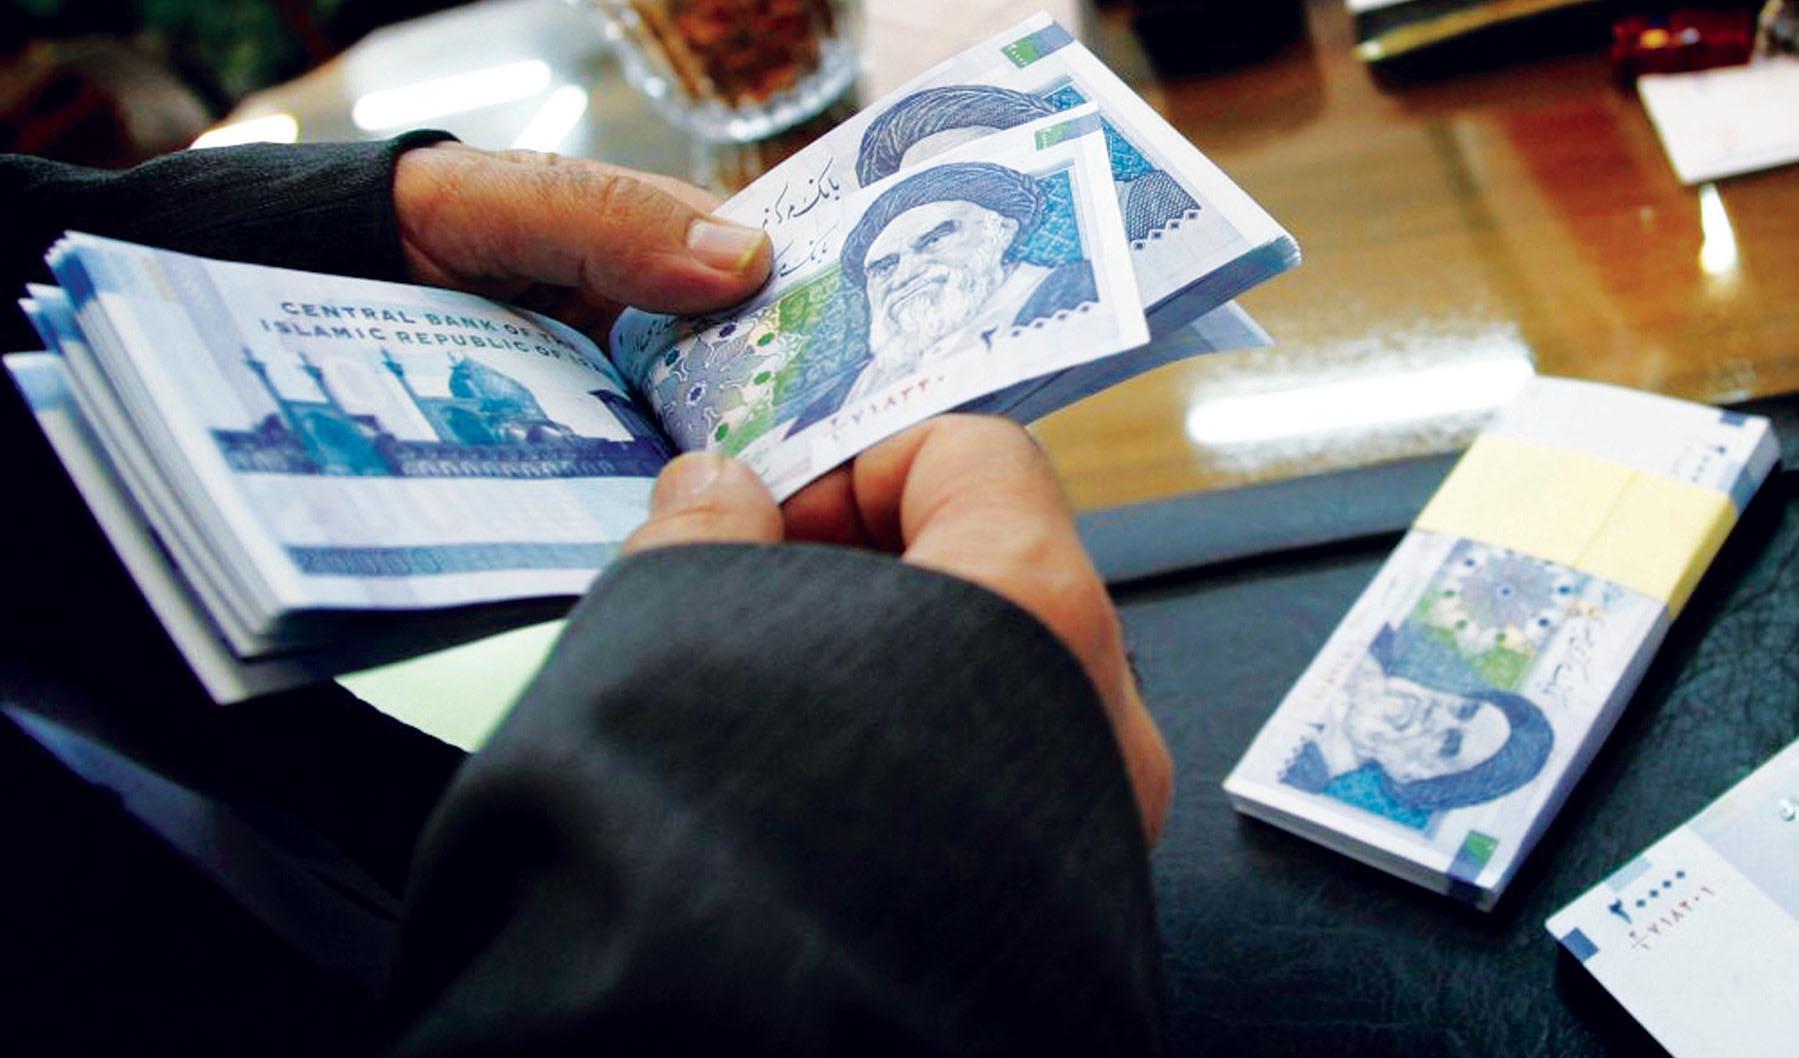 عدد سبد معیشتی کارگران هفته آینده نهایی میشود